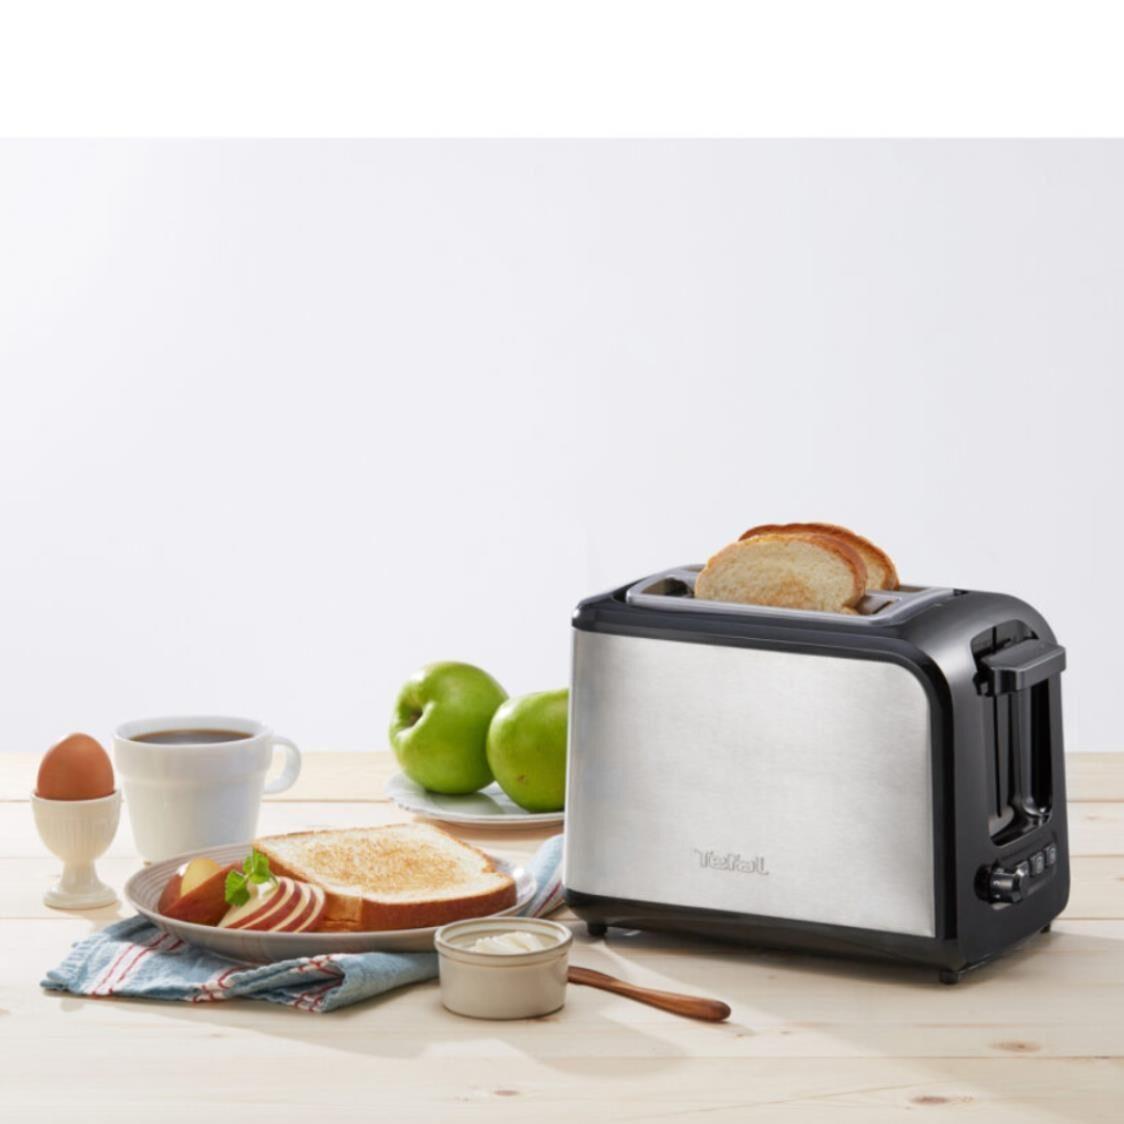 Tefal Express Toaster TT410D